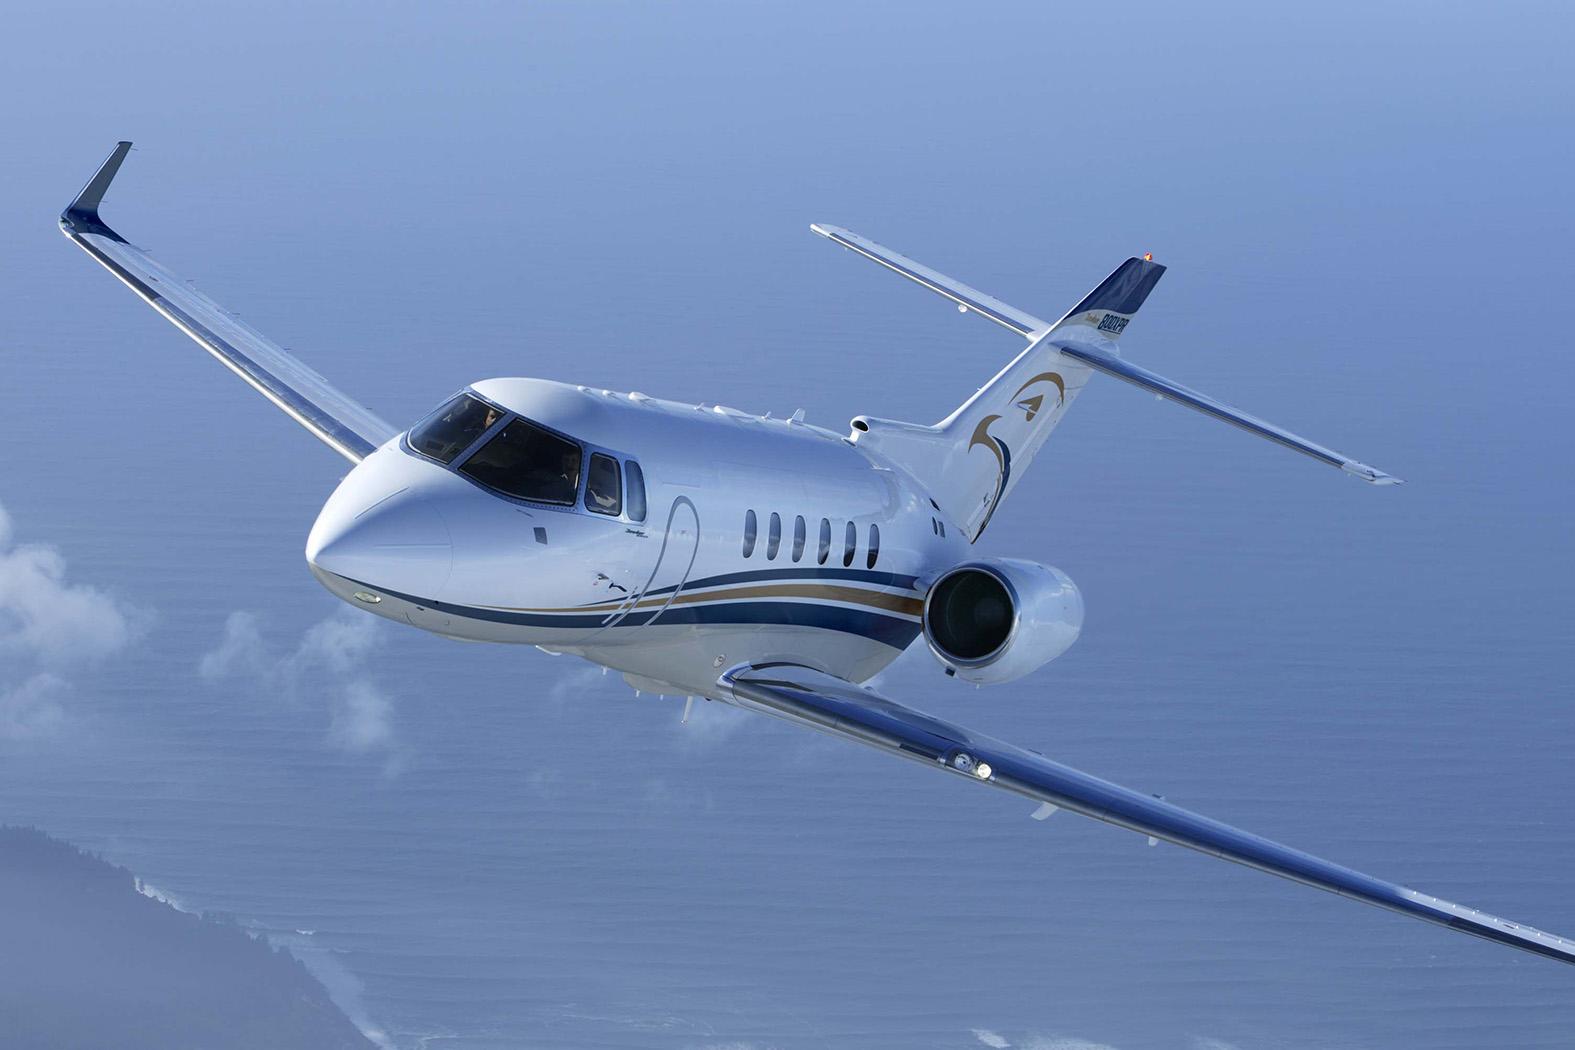 Hawker 800 flying